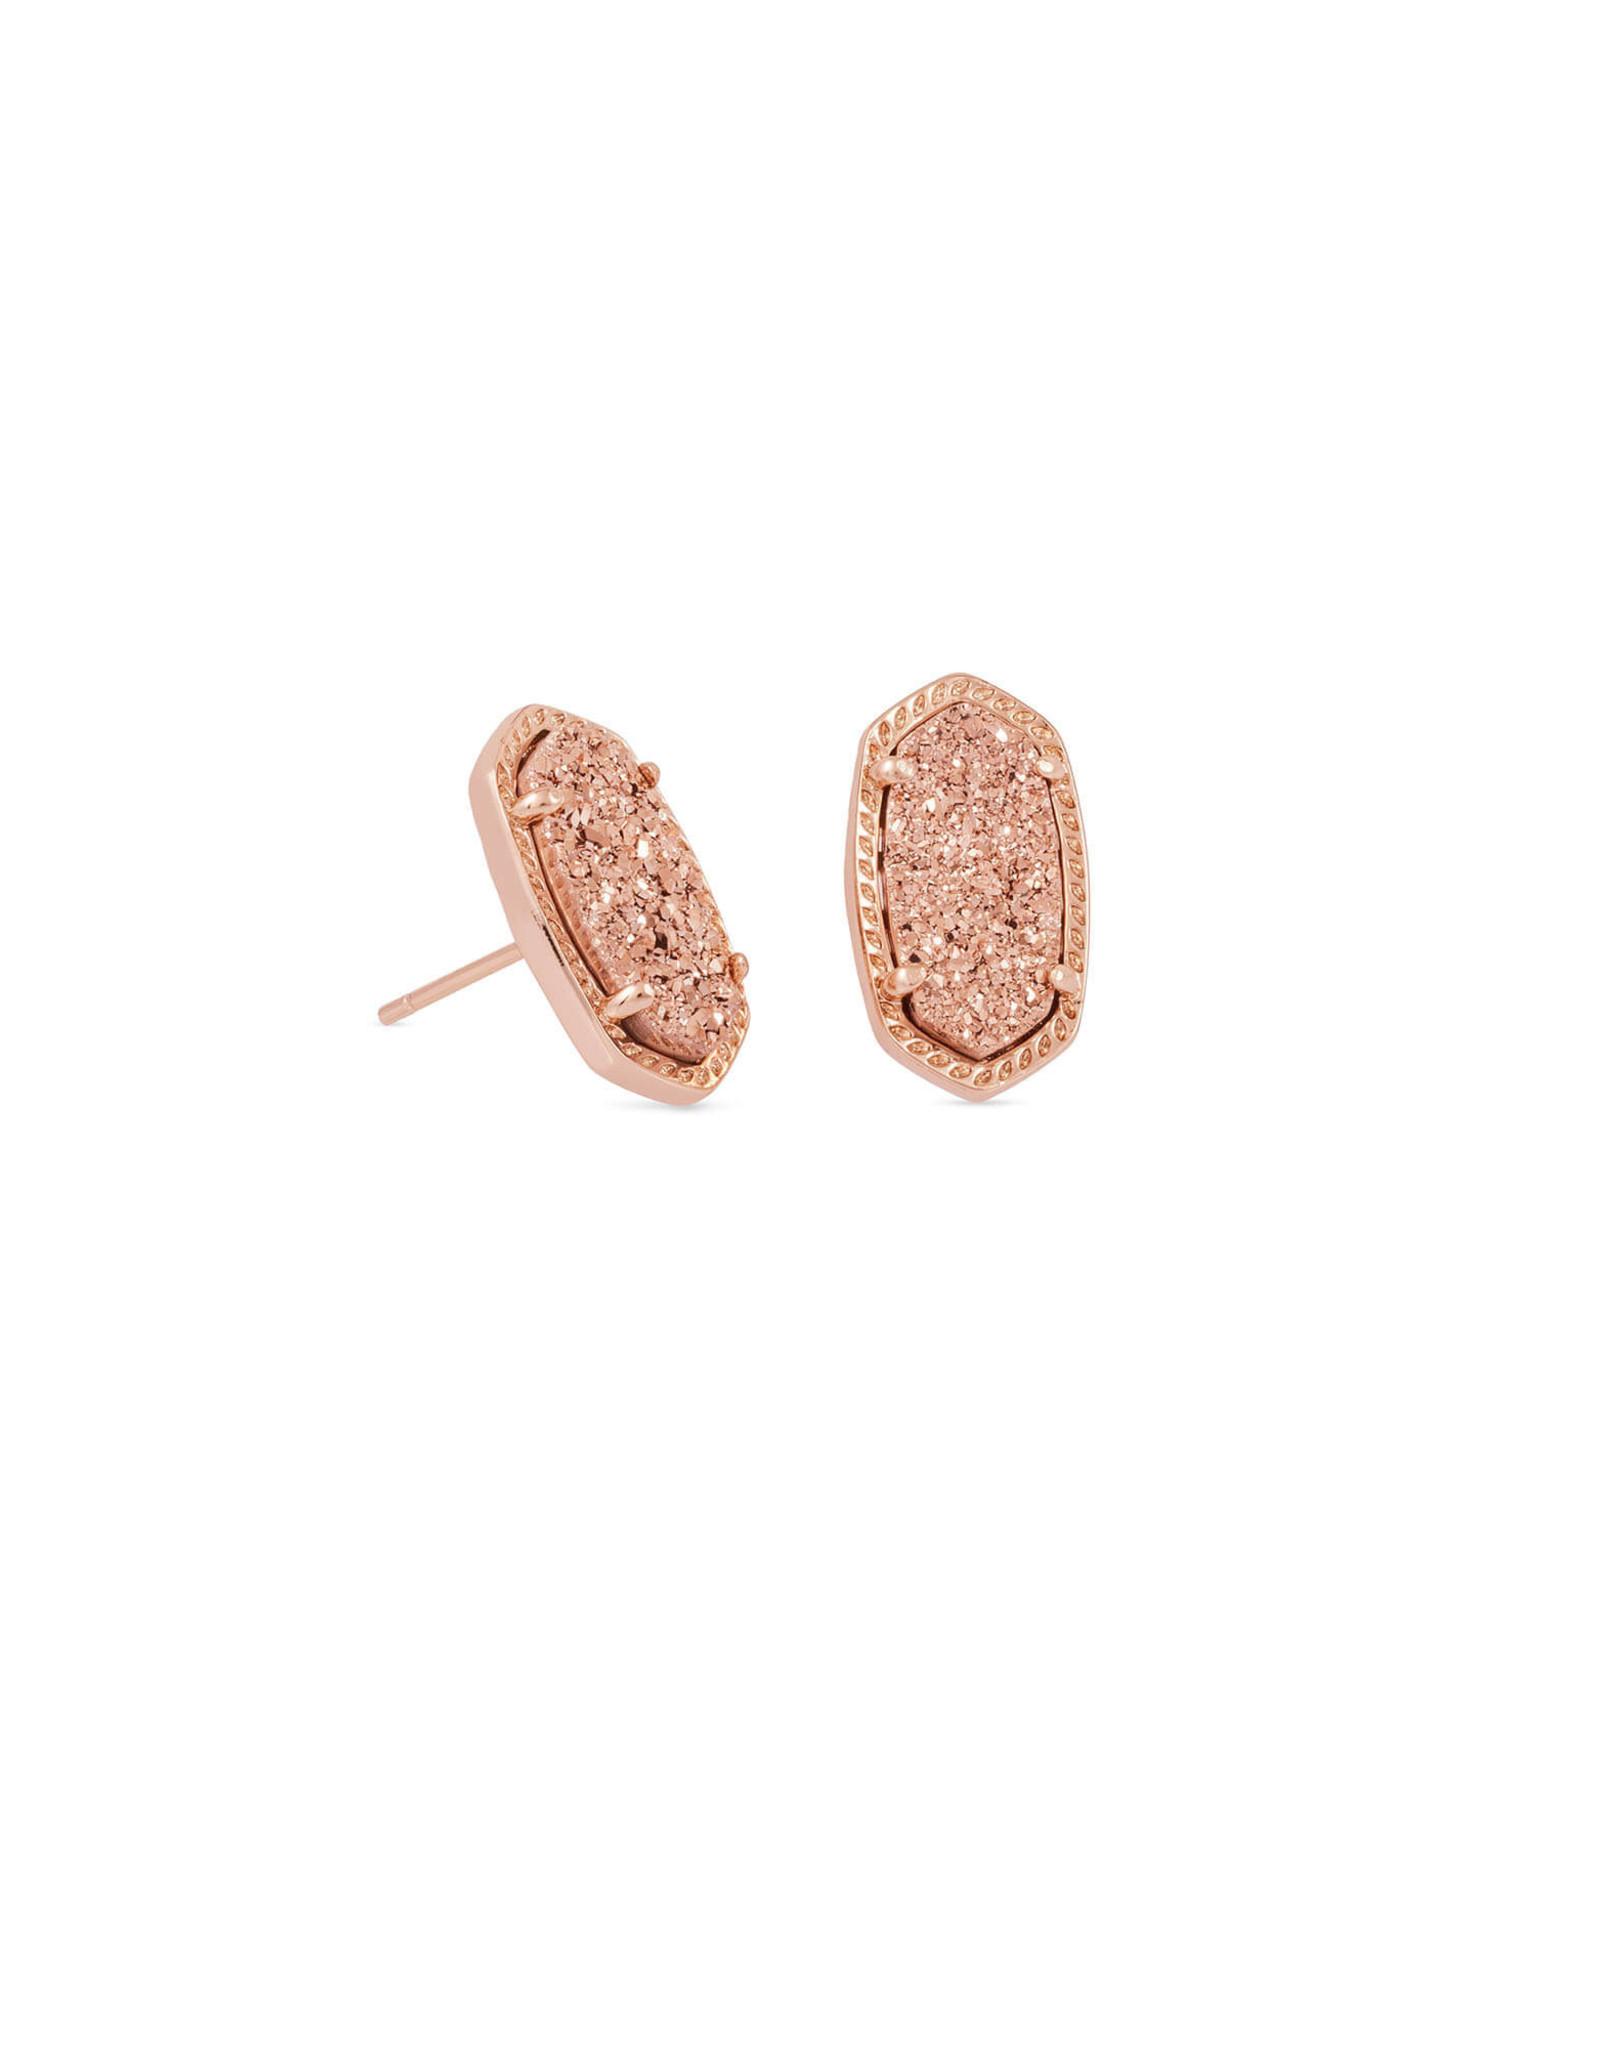 Kendra Scott Ellie Earring - Rose Gold Drusy/Rose Gold